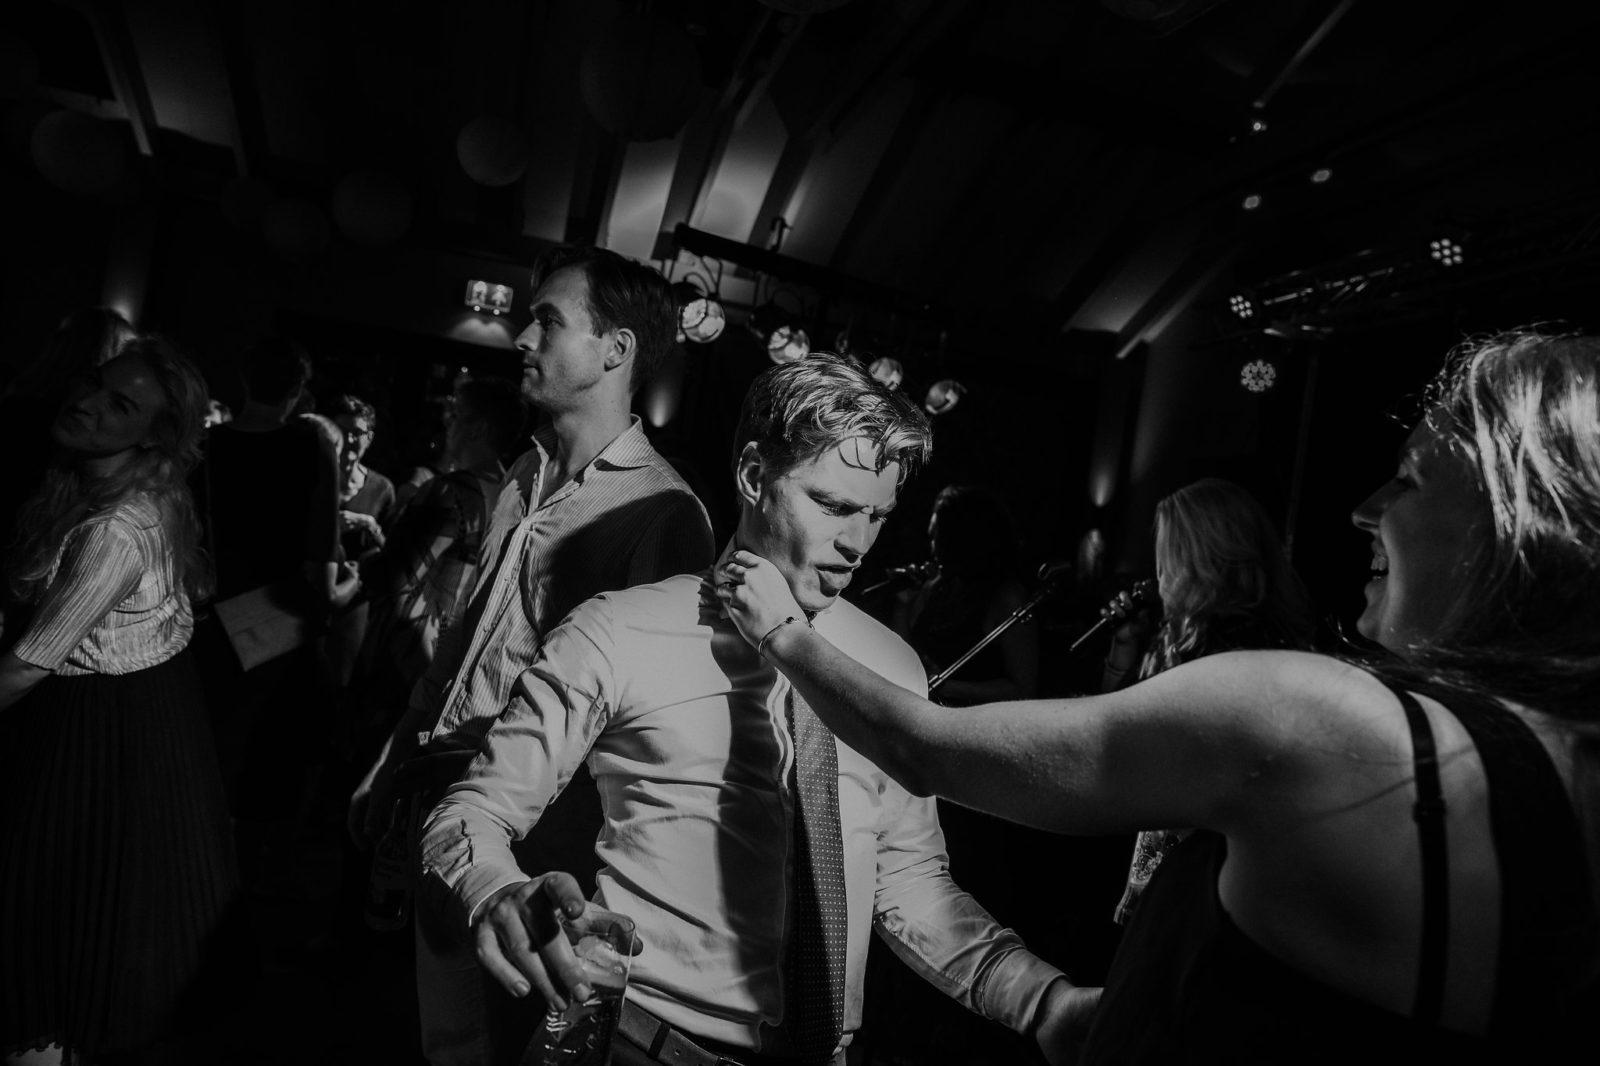 Dansen op huwelijksfeest Boothuis Welgelegen Groenlo